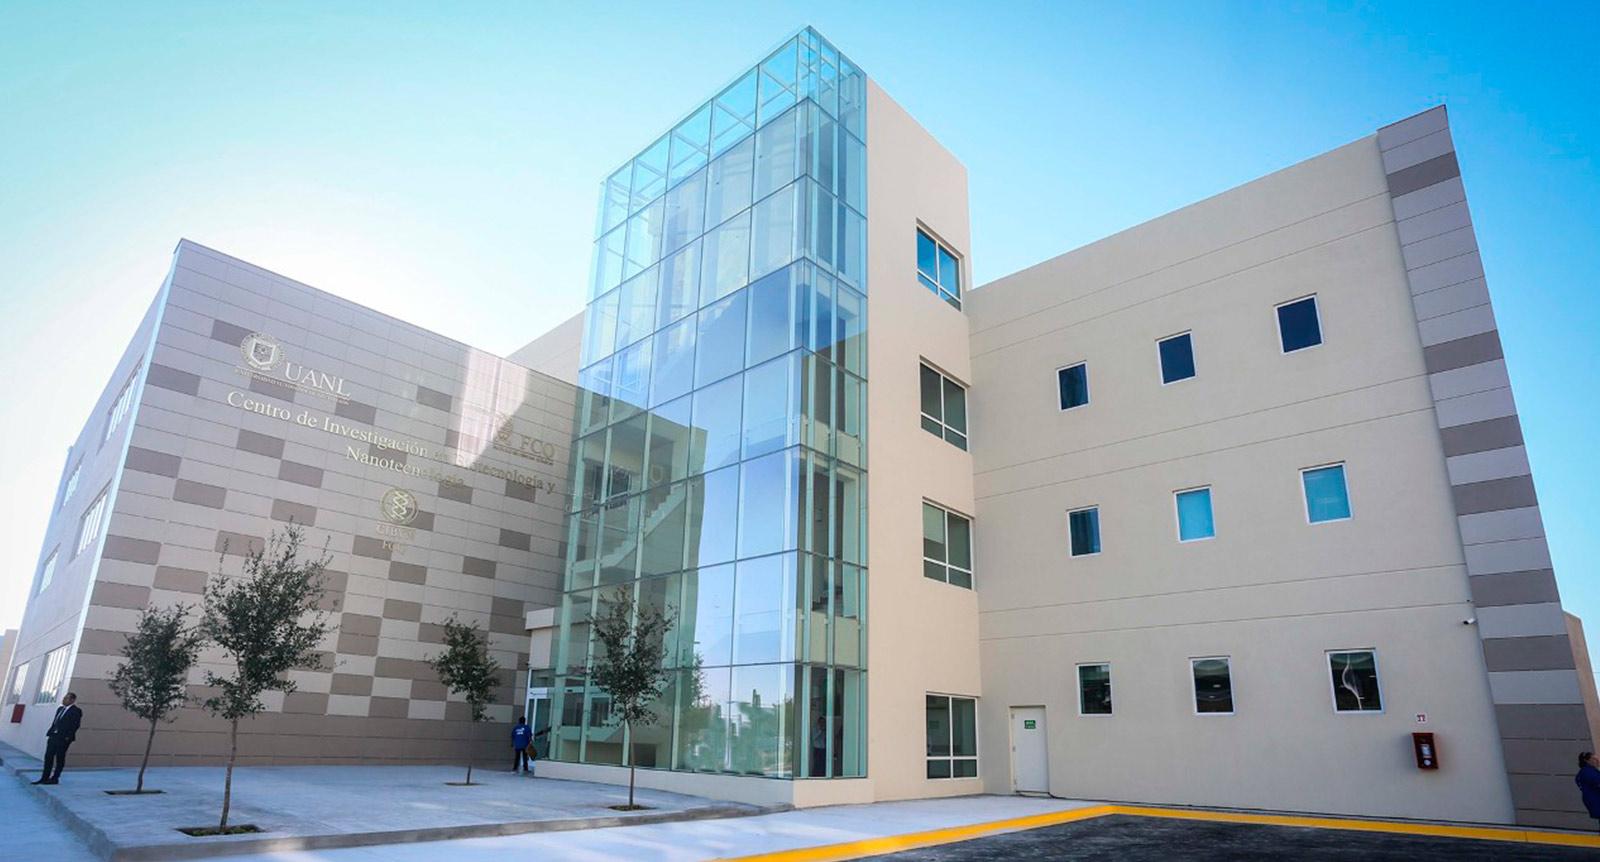 Centro de Investigación en Biotecnología y Nanotecnología